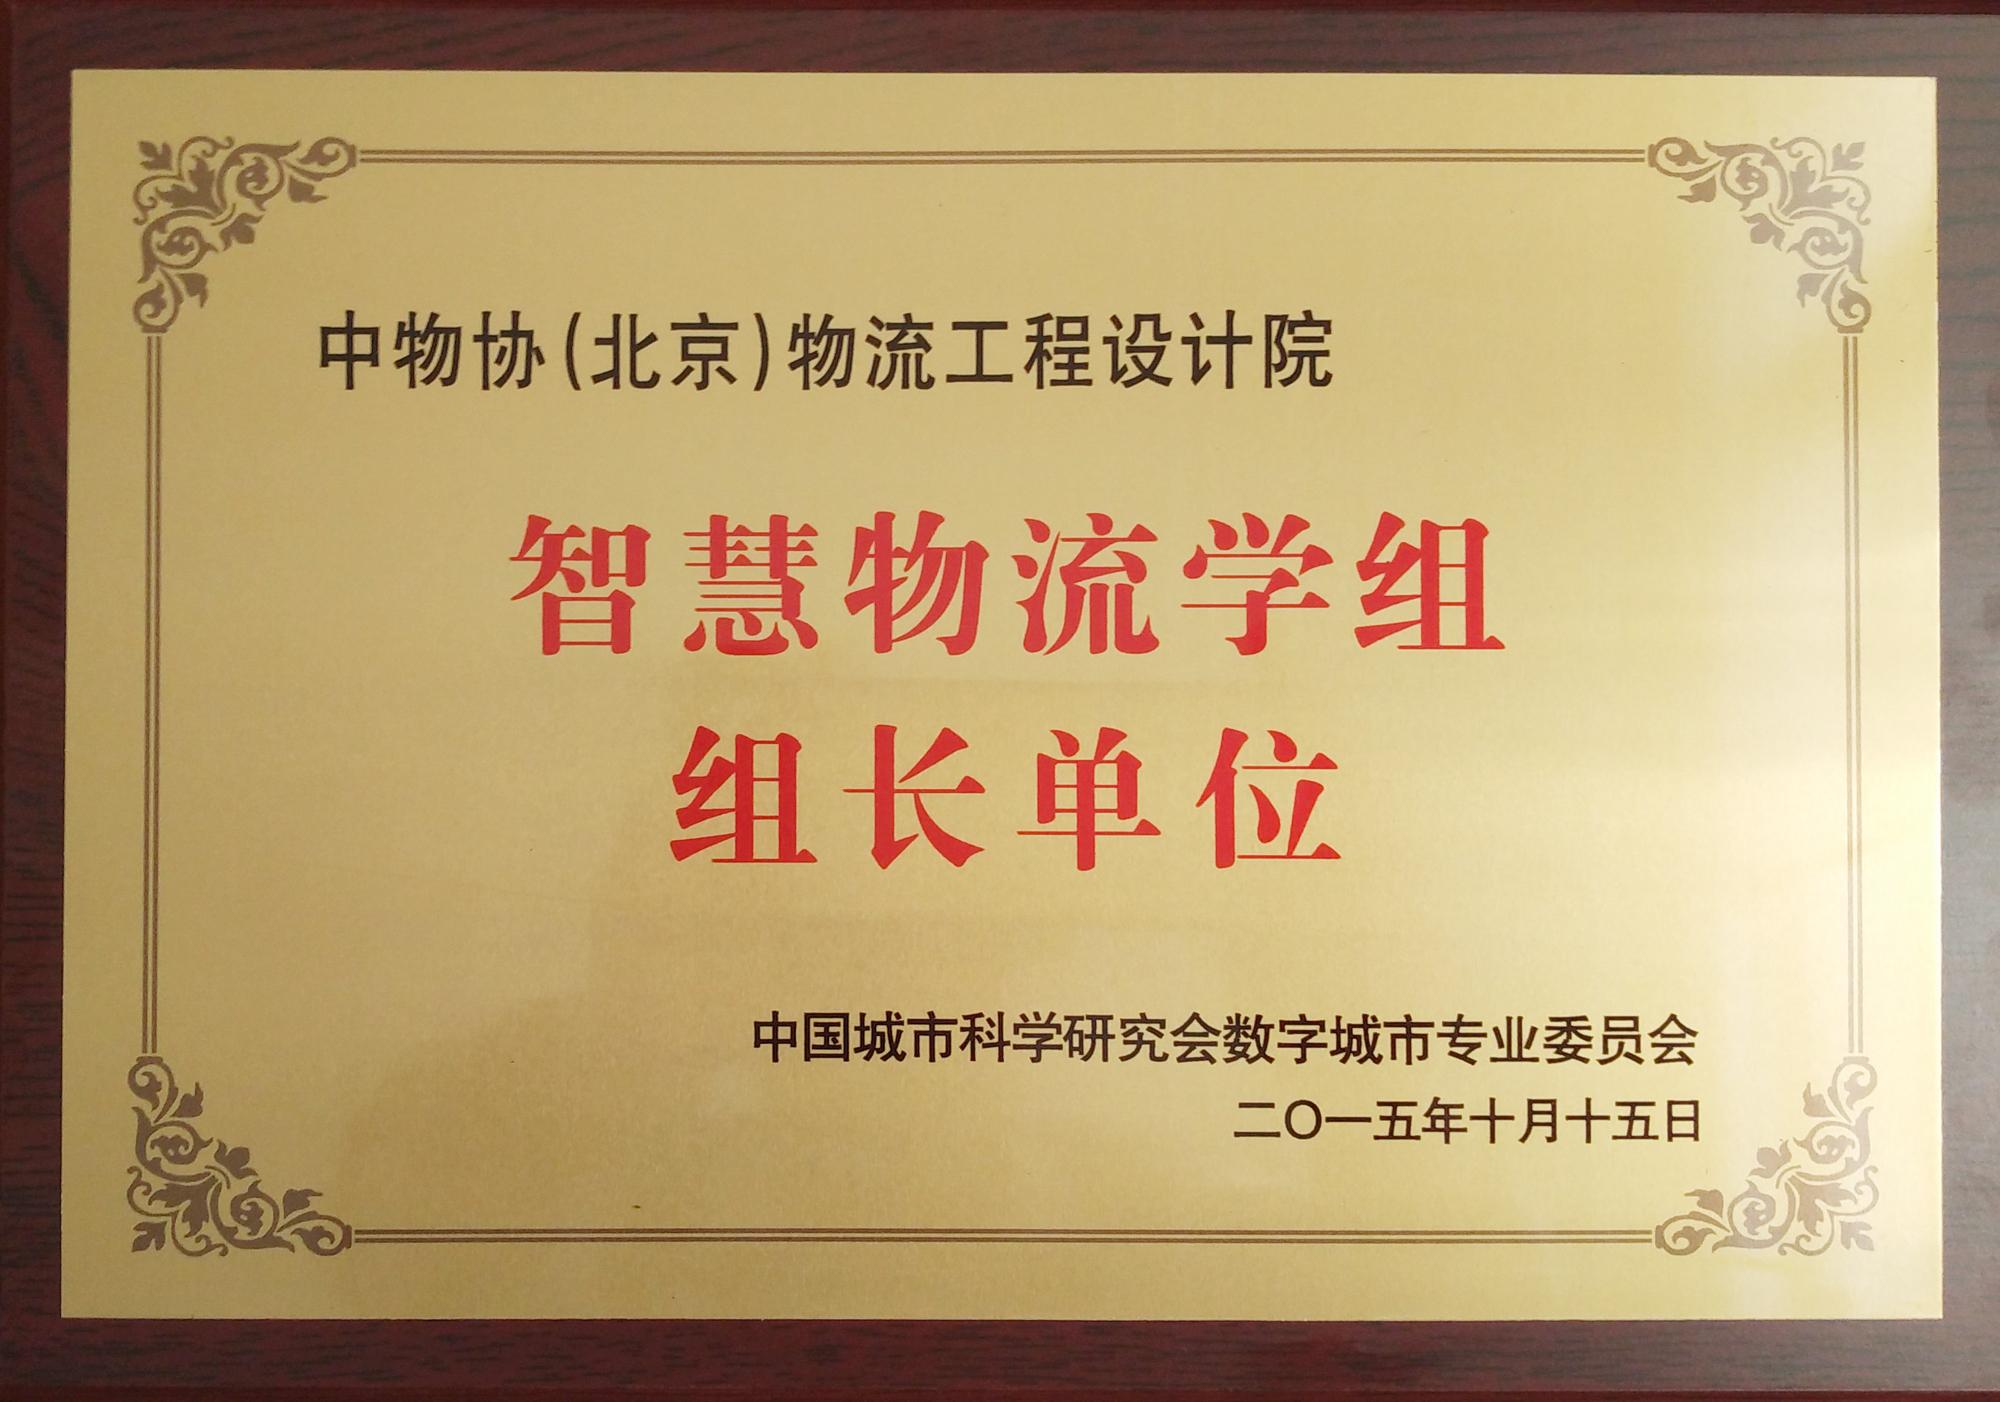 中国城市科学研究会数字城市专业委员会物联网学组副组长单位